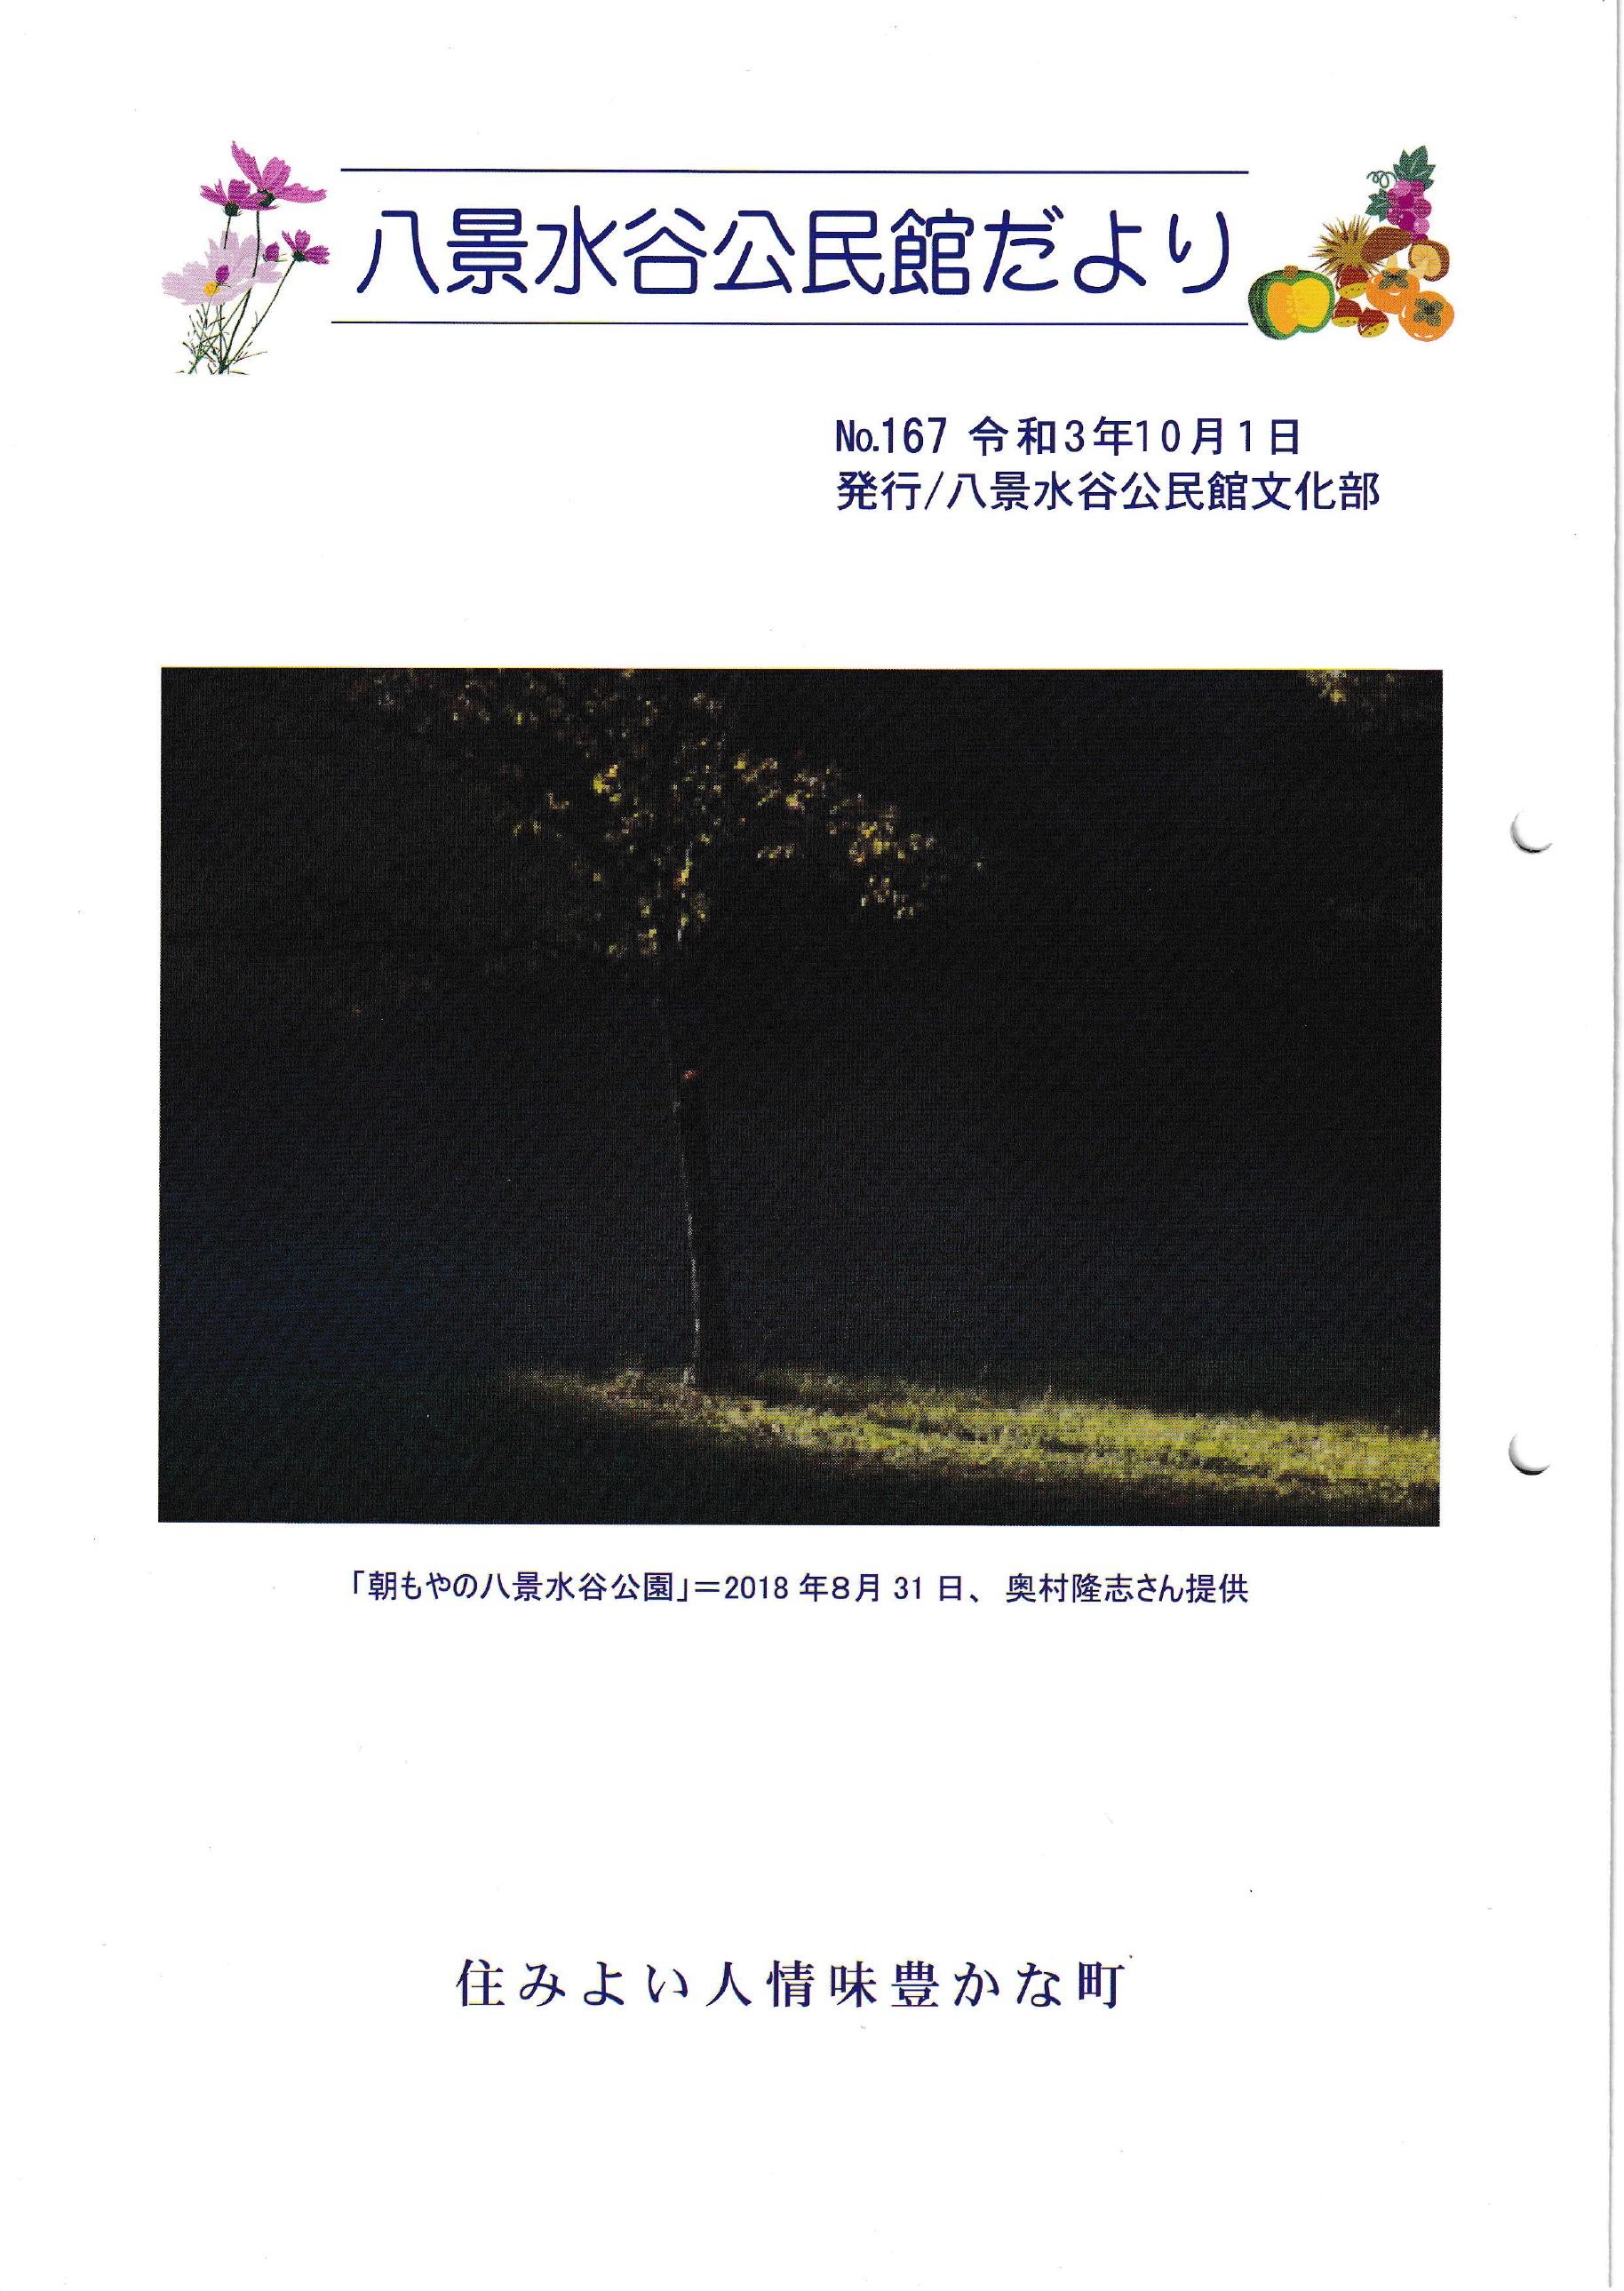 八景水谷公民館だより(1)